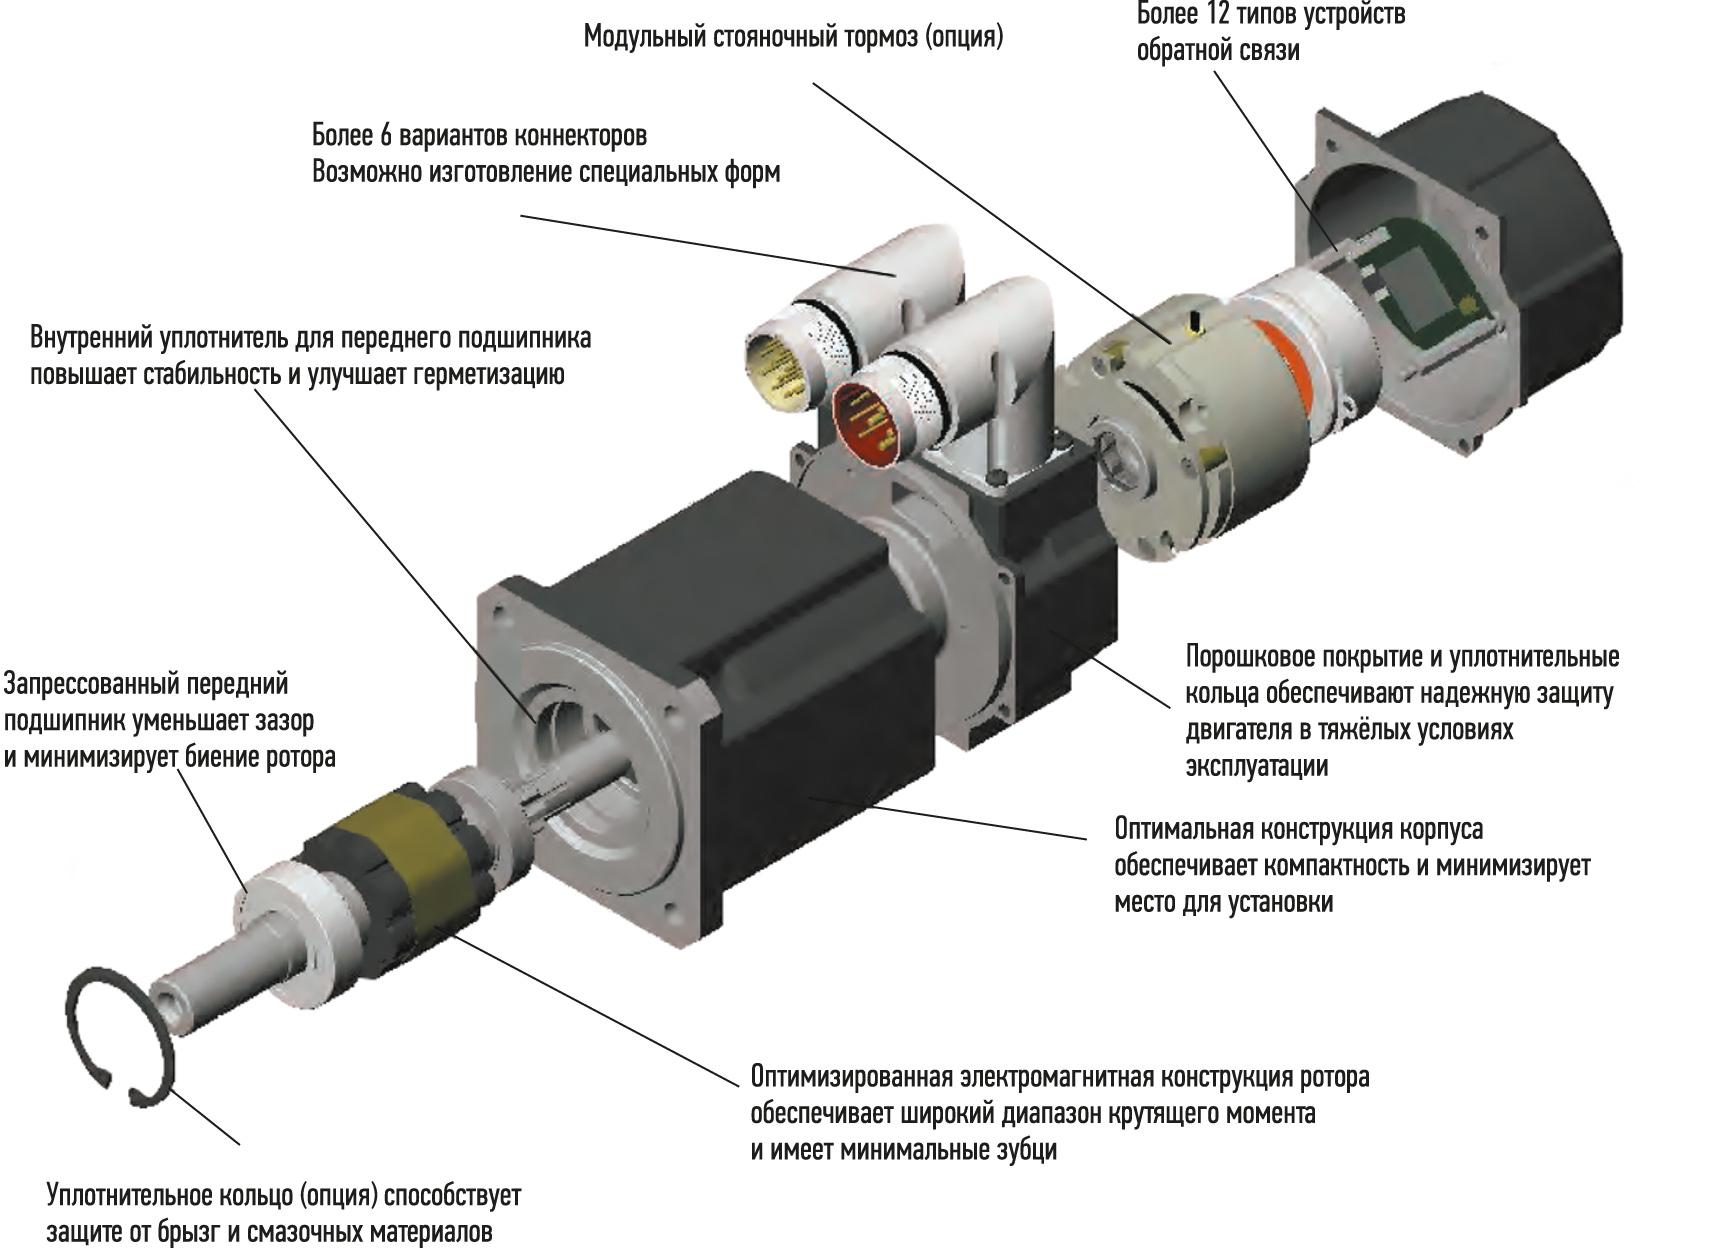 Конструктивные особенности синхронных серводвигателей Kollmorgen